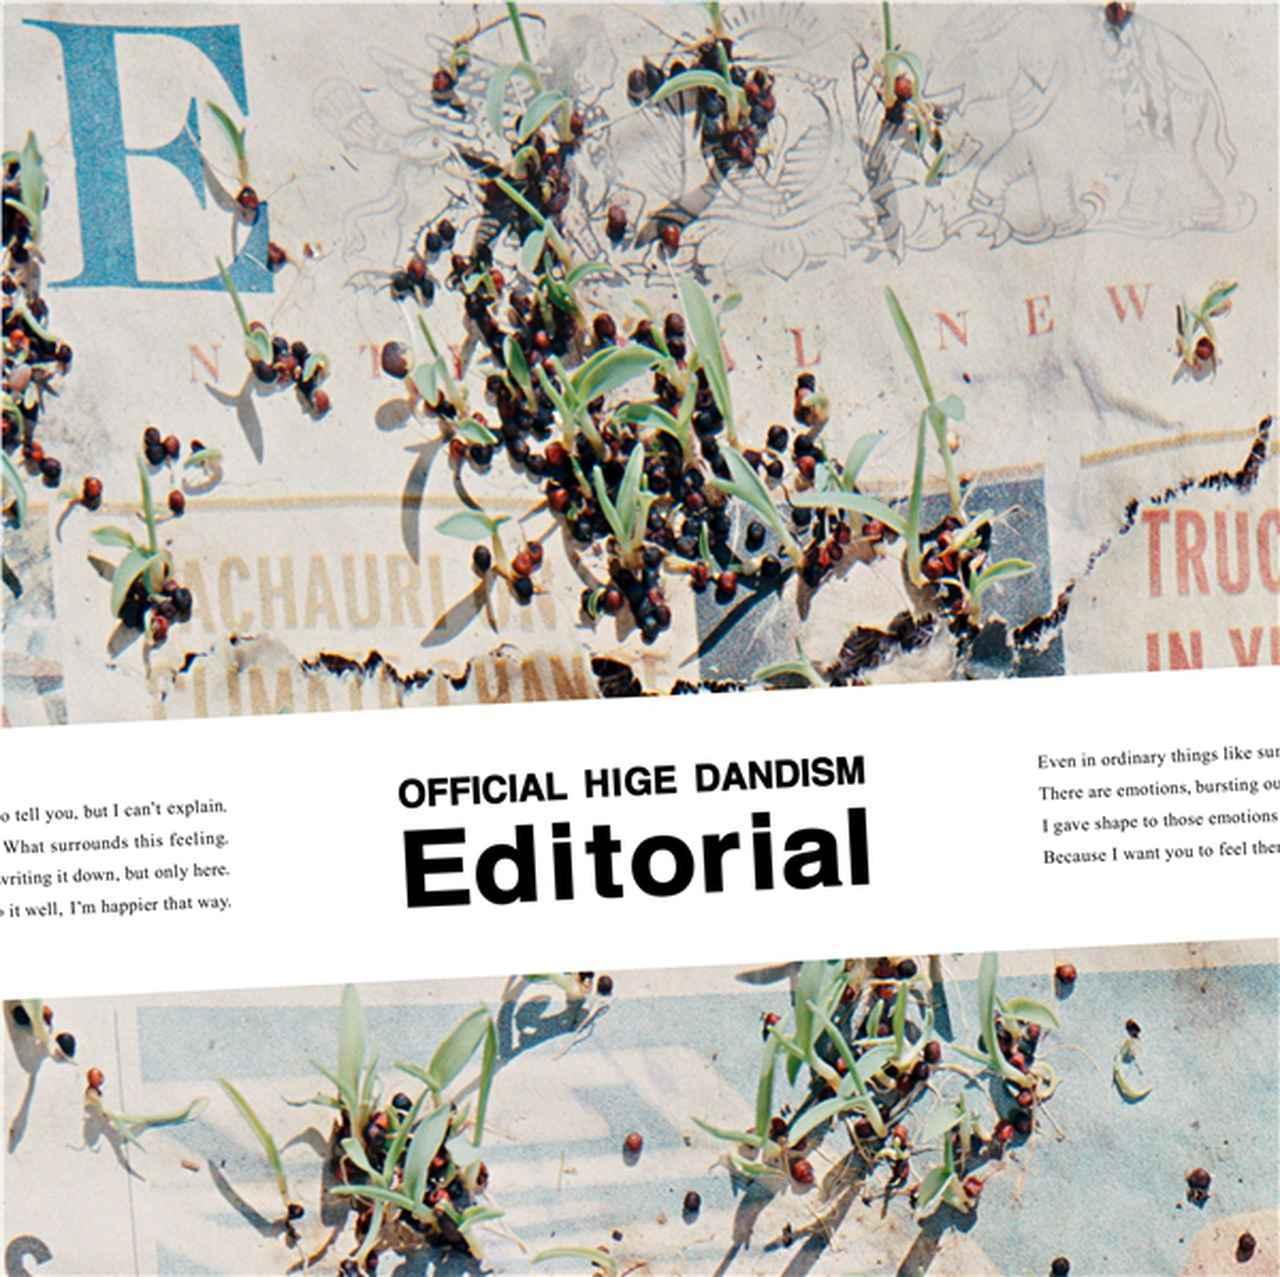 画像: Editorial / Official髭男dism